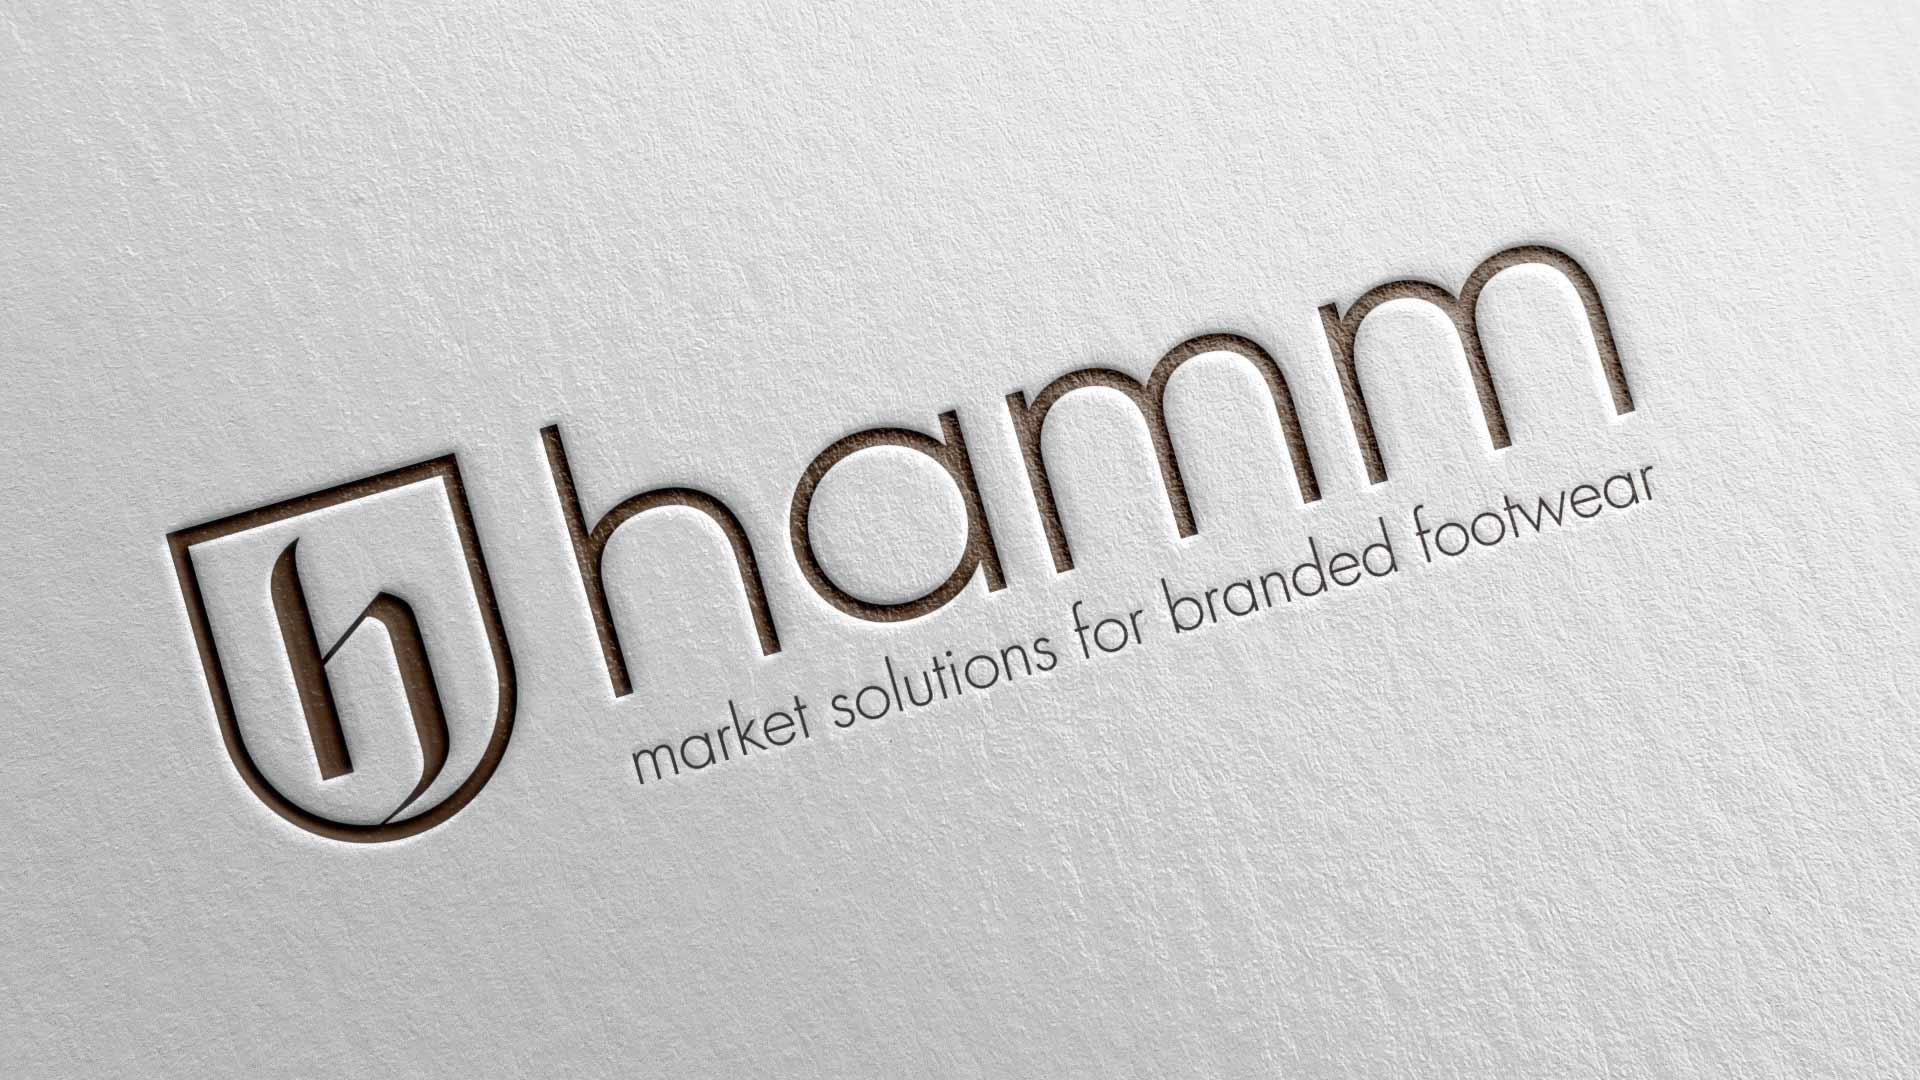 artventura-Projekt Coporate-Design-Entwicklung für hamm |market solutions for branded footwear: Logo als Wort-Bild-Marke